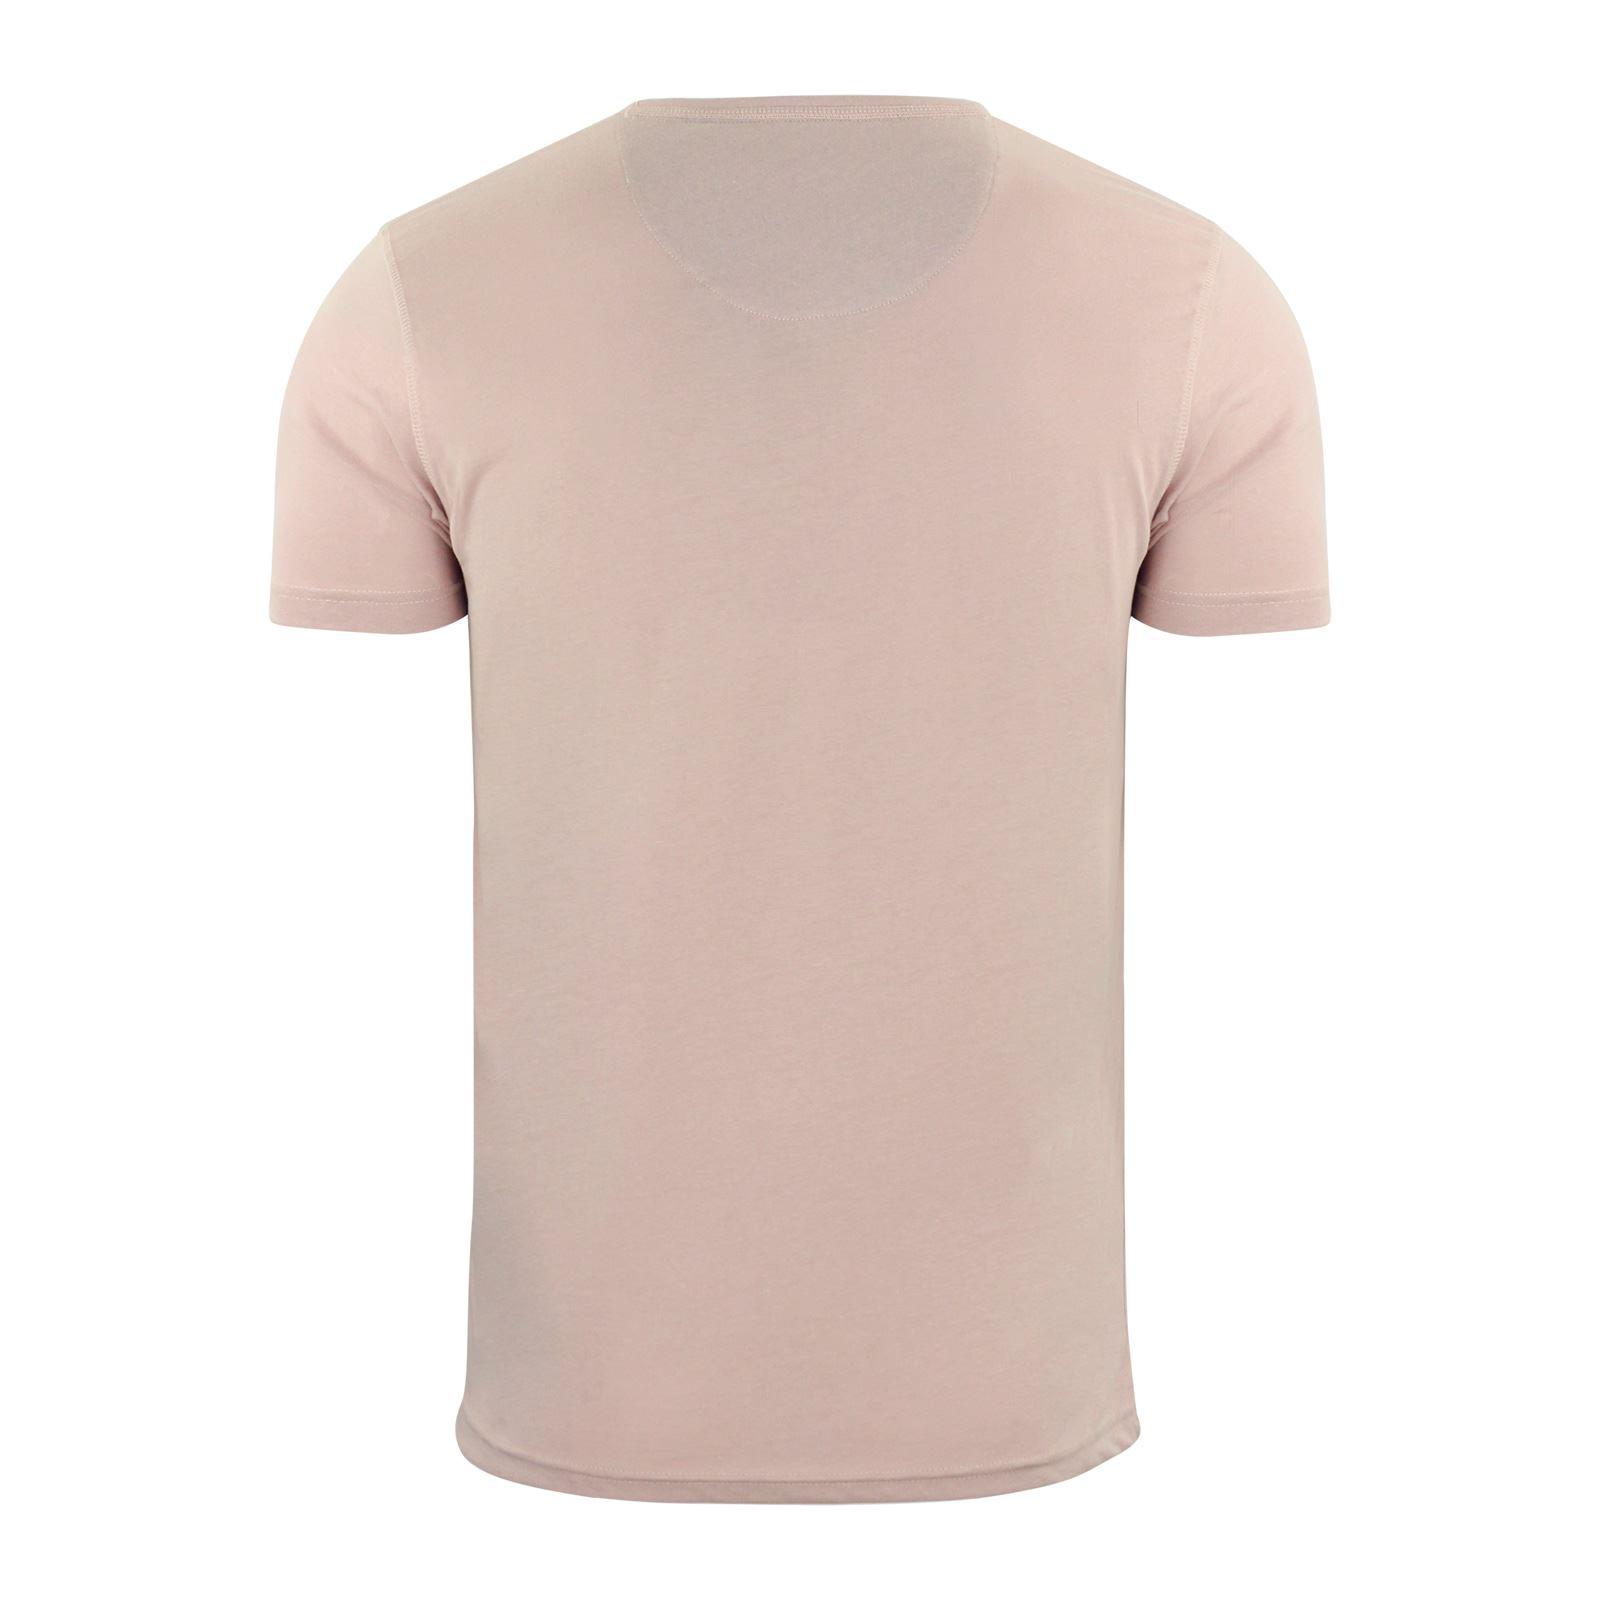 Brave-Soul-Quartz-Homme-T-Shirt-Grandad-Neck-manches-courtes-coton-tee miniature 9